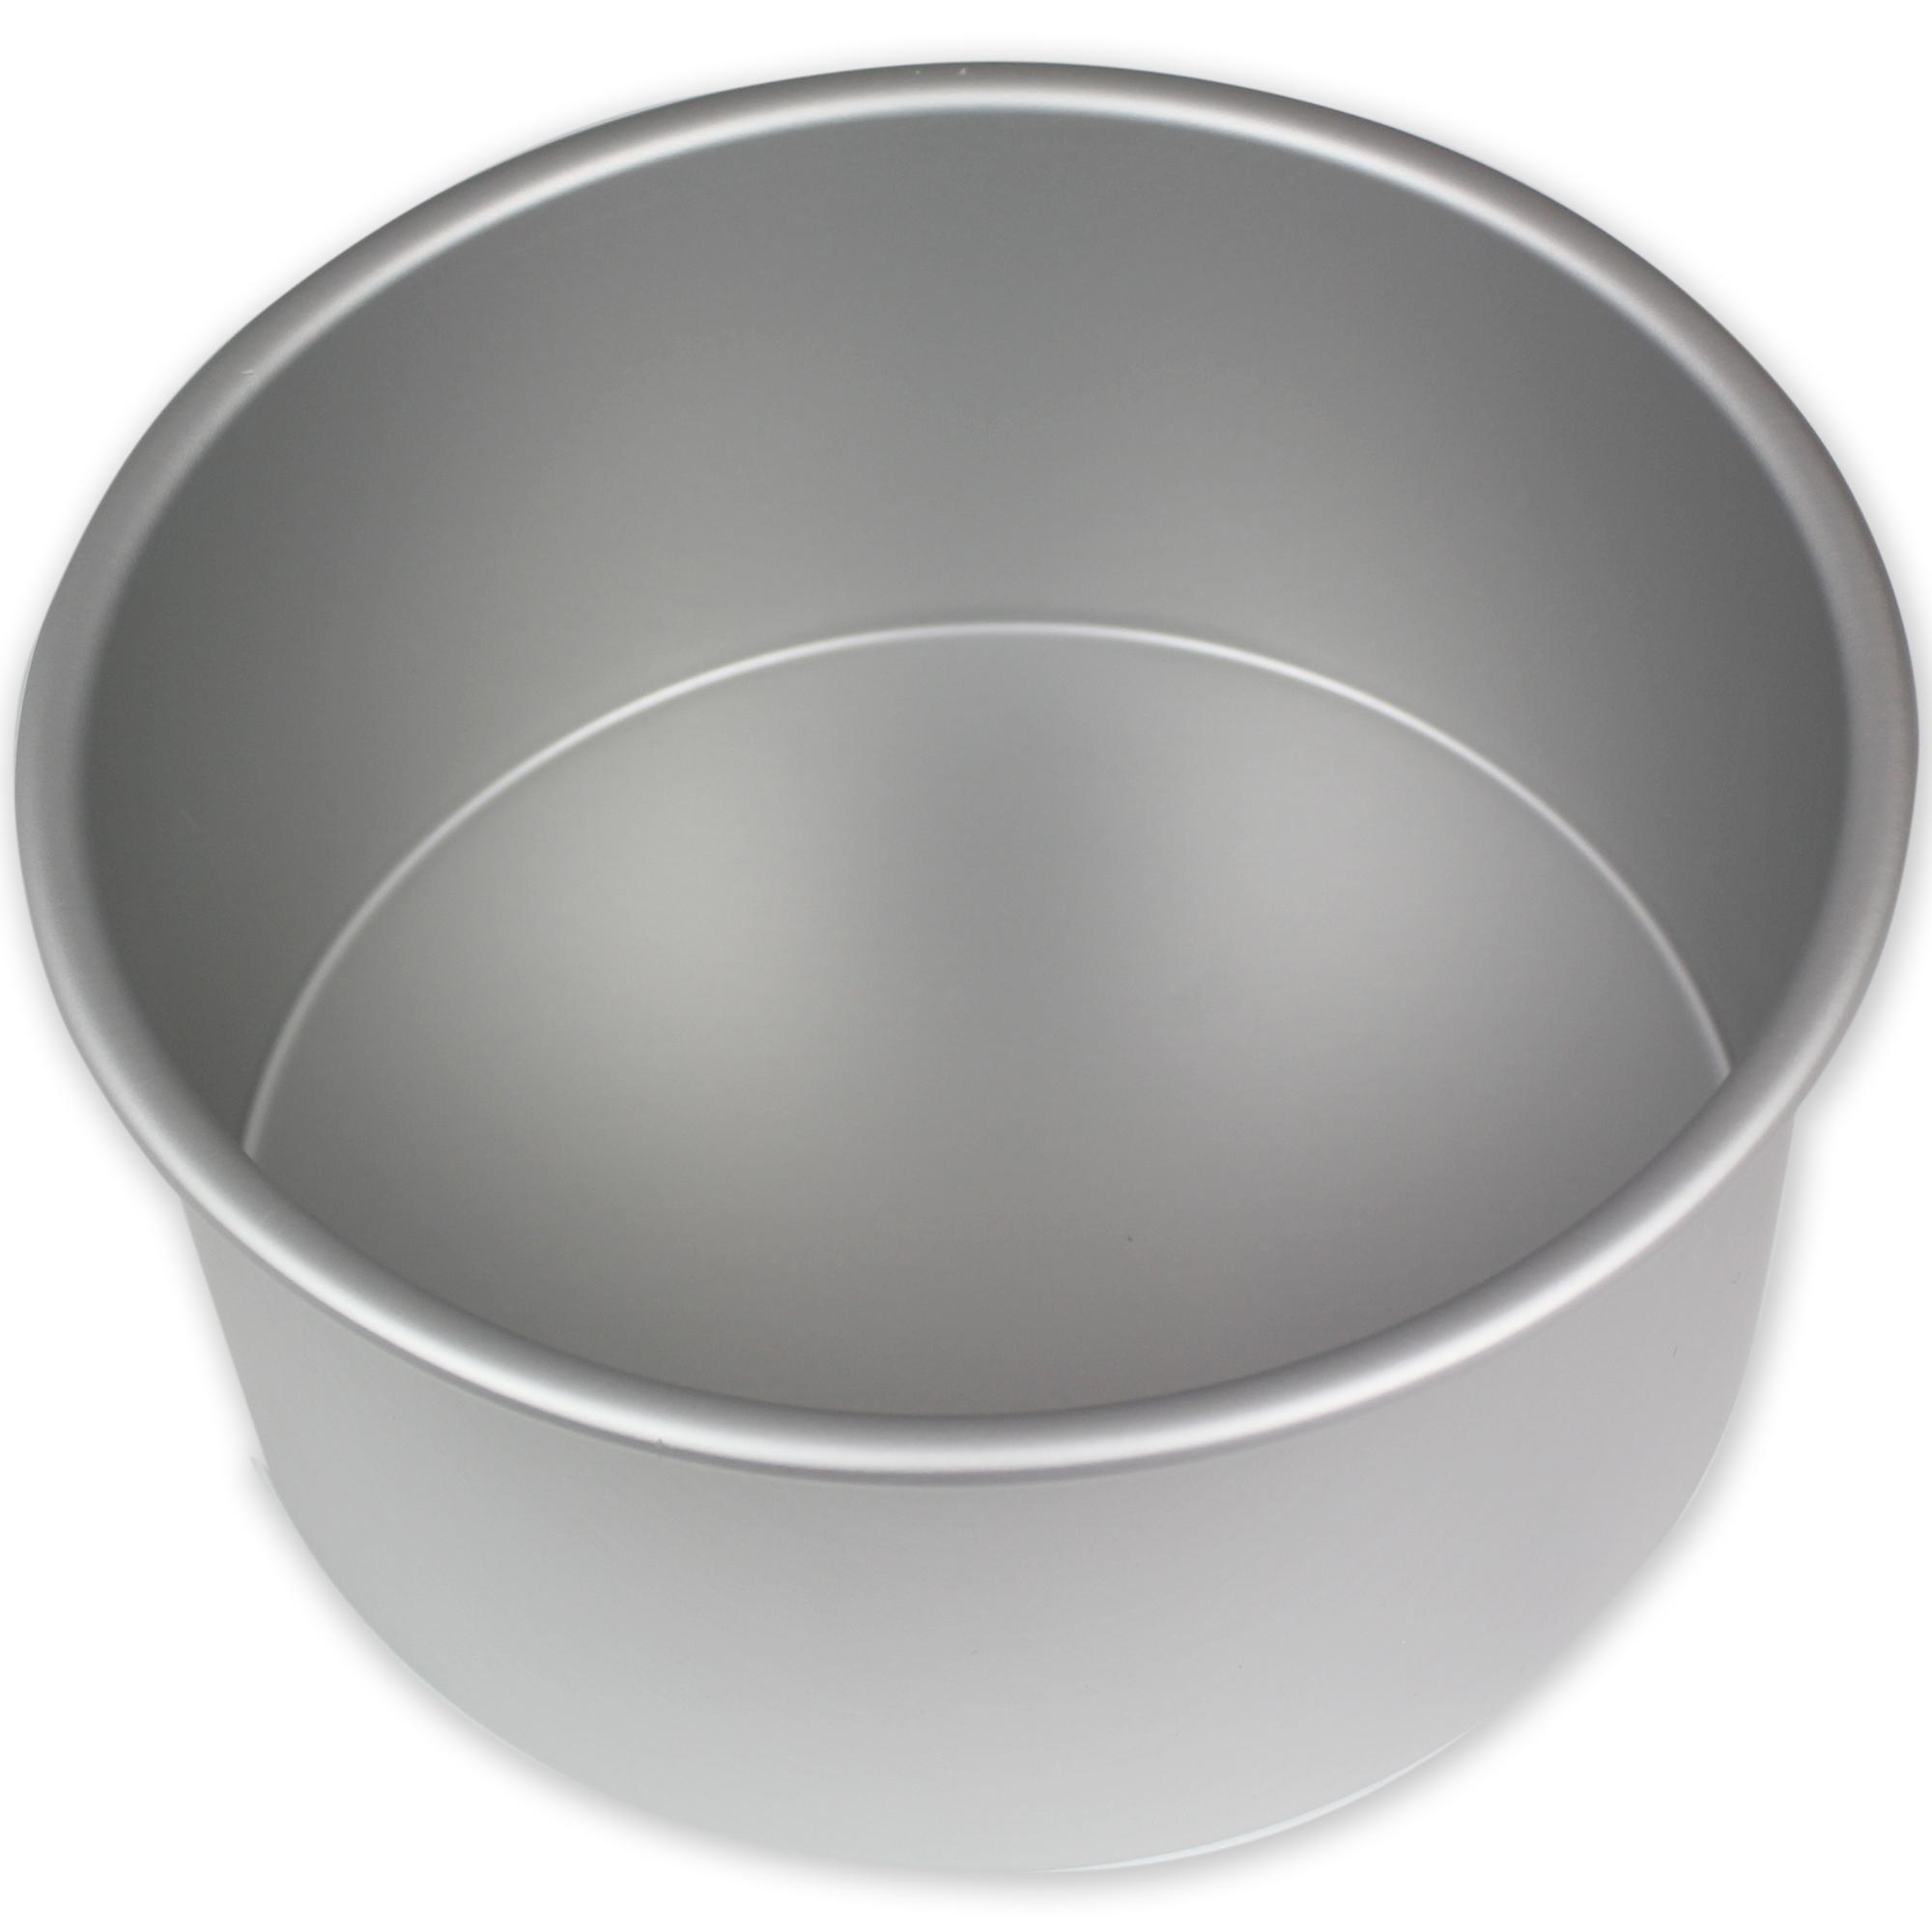 Circle Cake Pan Sizes